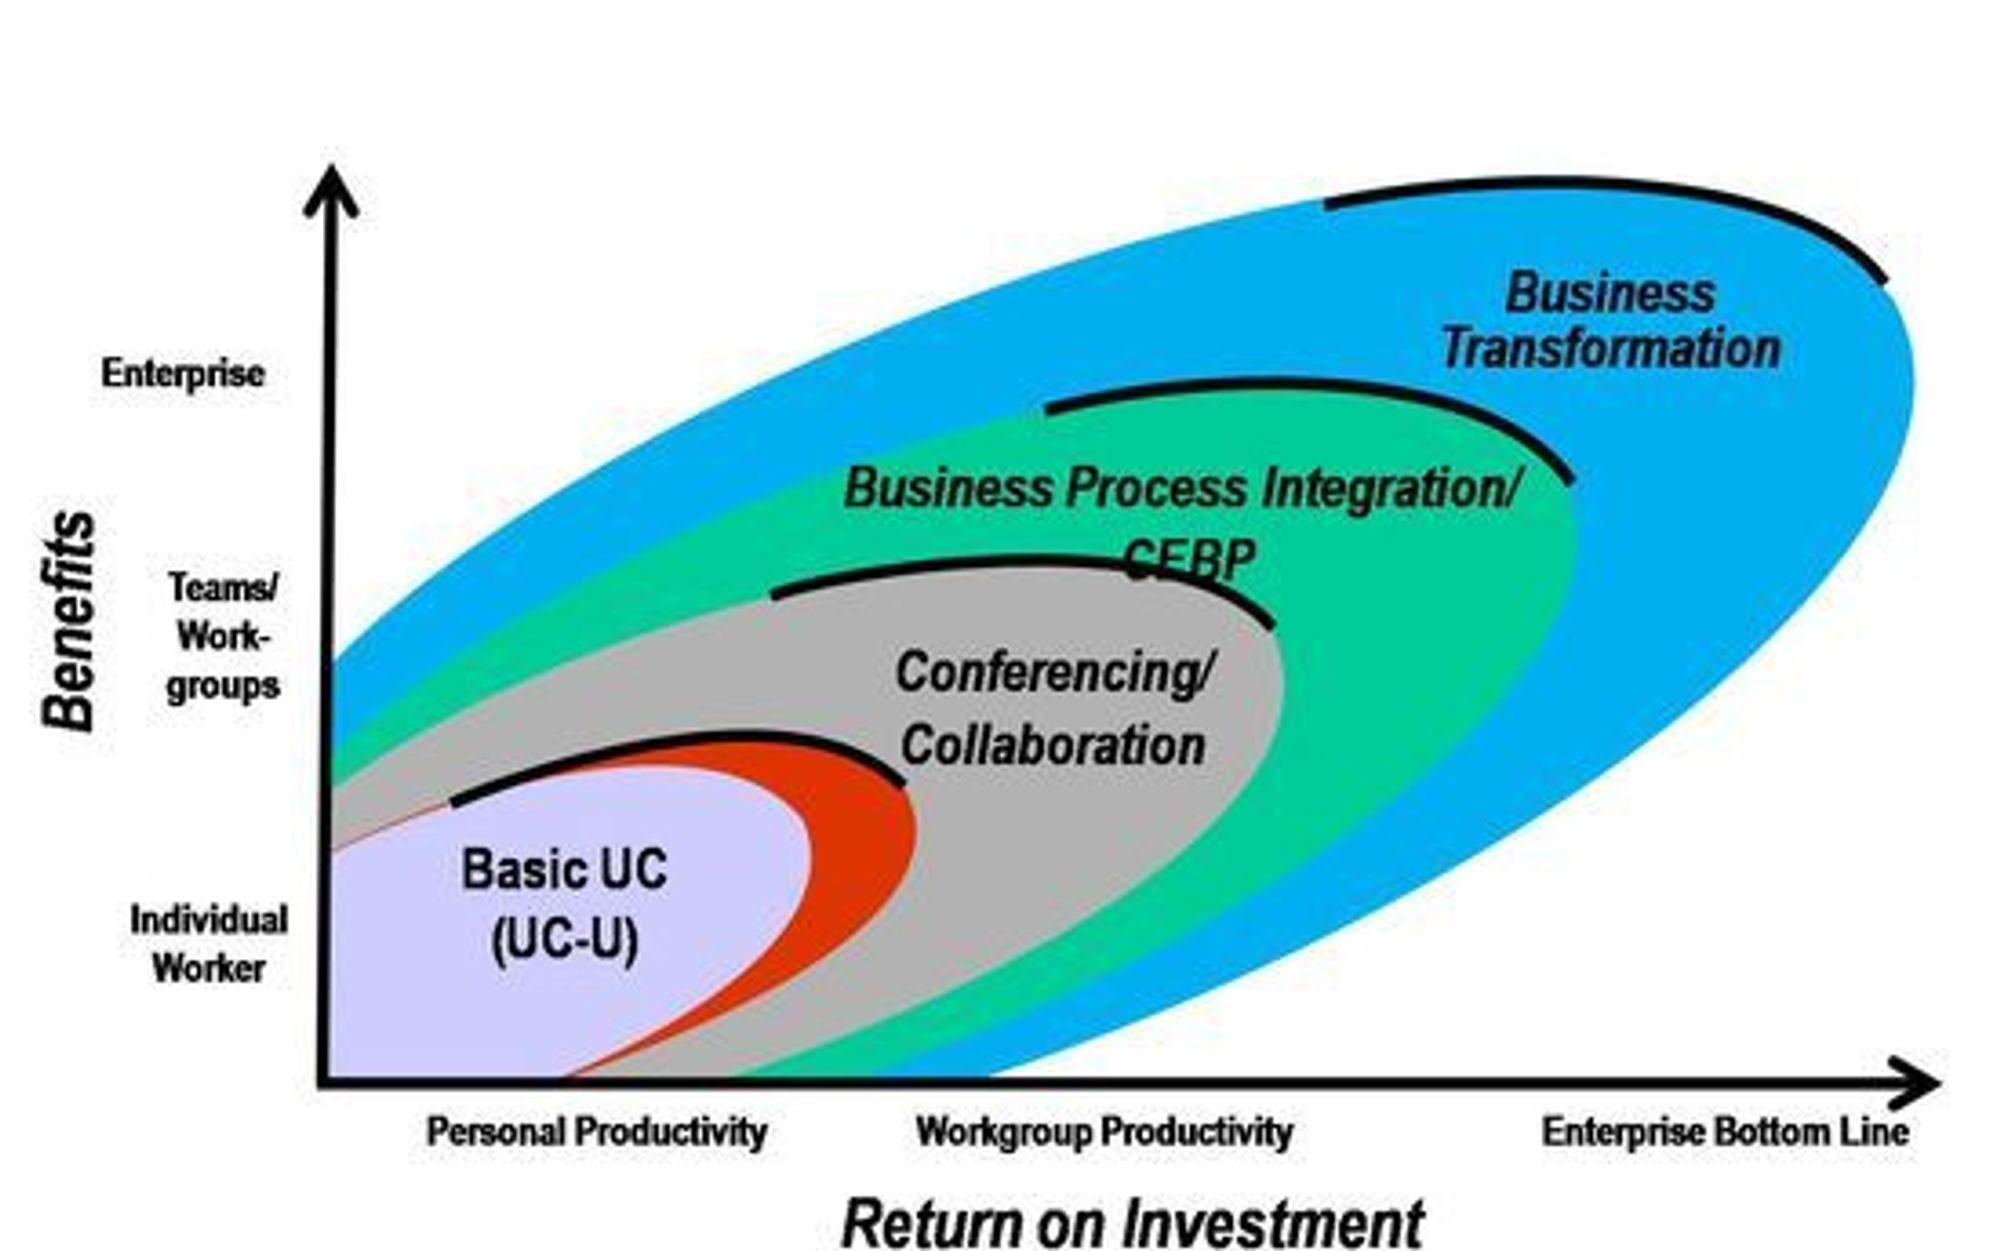 Denne grafikken fra UCstrategies.com illustrerer et poeng som også Gartner tar opp i sin rapport: De grunnleggende investeringene i «unified communications» legger bare et grunnlag for økning i personlig produktivitet. For å realisere den potensielle gevinsten fullt ut må man satse på kollektiv produktivitet og samhandling og endre selve forretningsprosessene. Også Gartner bruker betegnelsen CEBP, «communications enabled business processes».